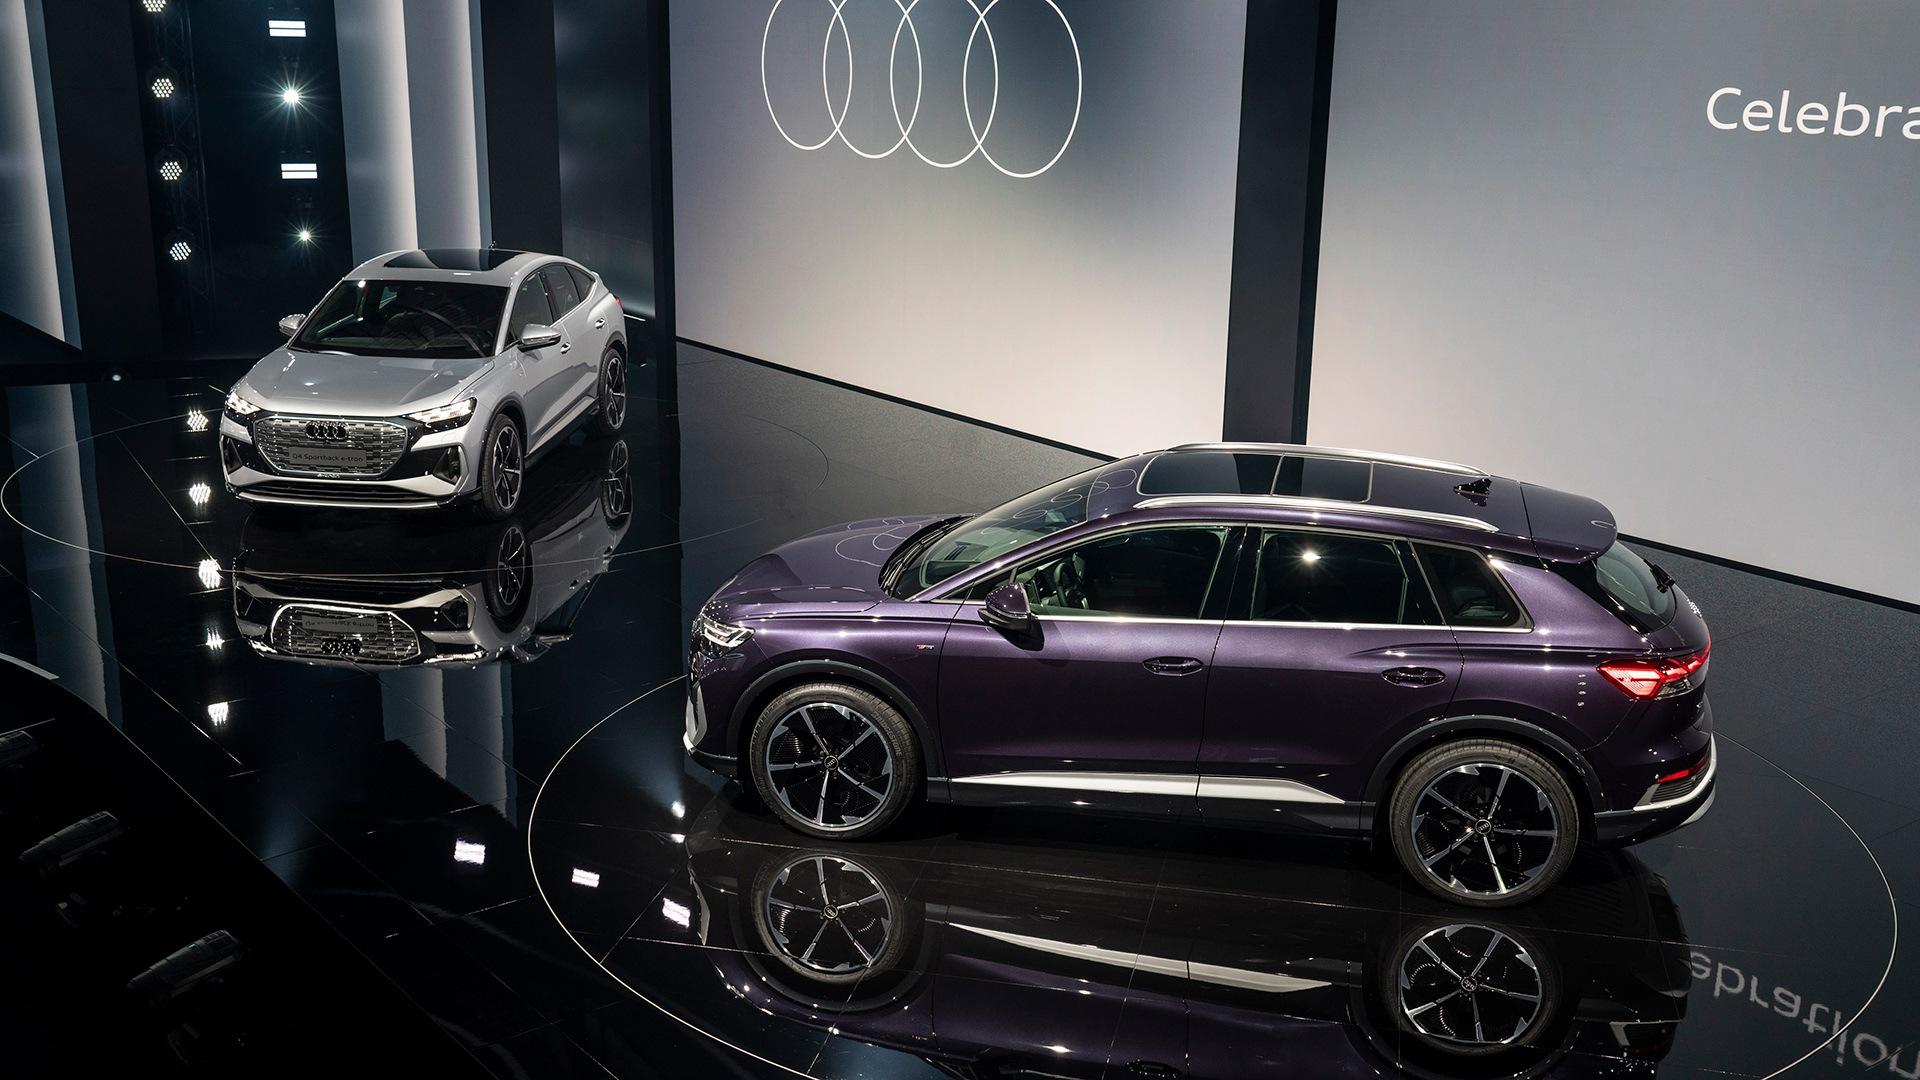 Audi Q4 e-tron je pomemben mejnik v Audijevi strategiji elektrifikacije. Je prvi premijski električni SUV v kompaktnem razredu.